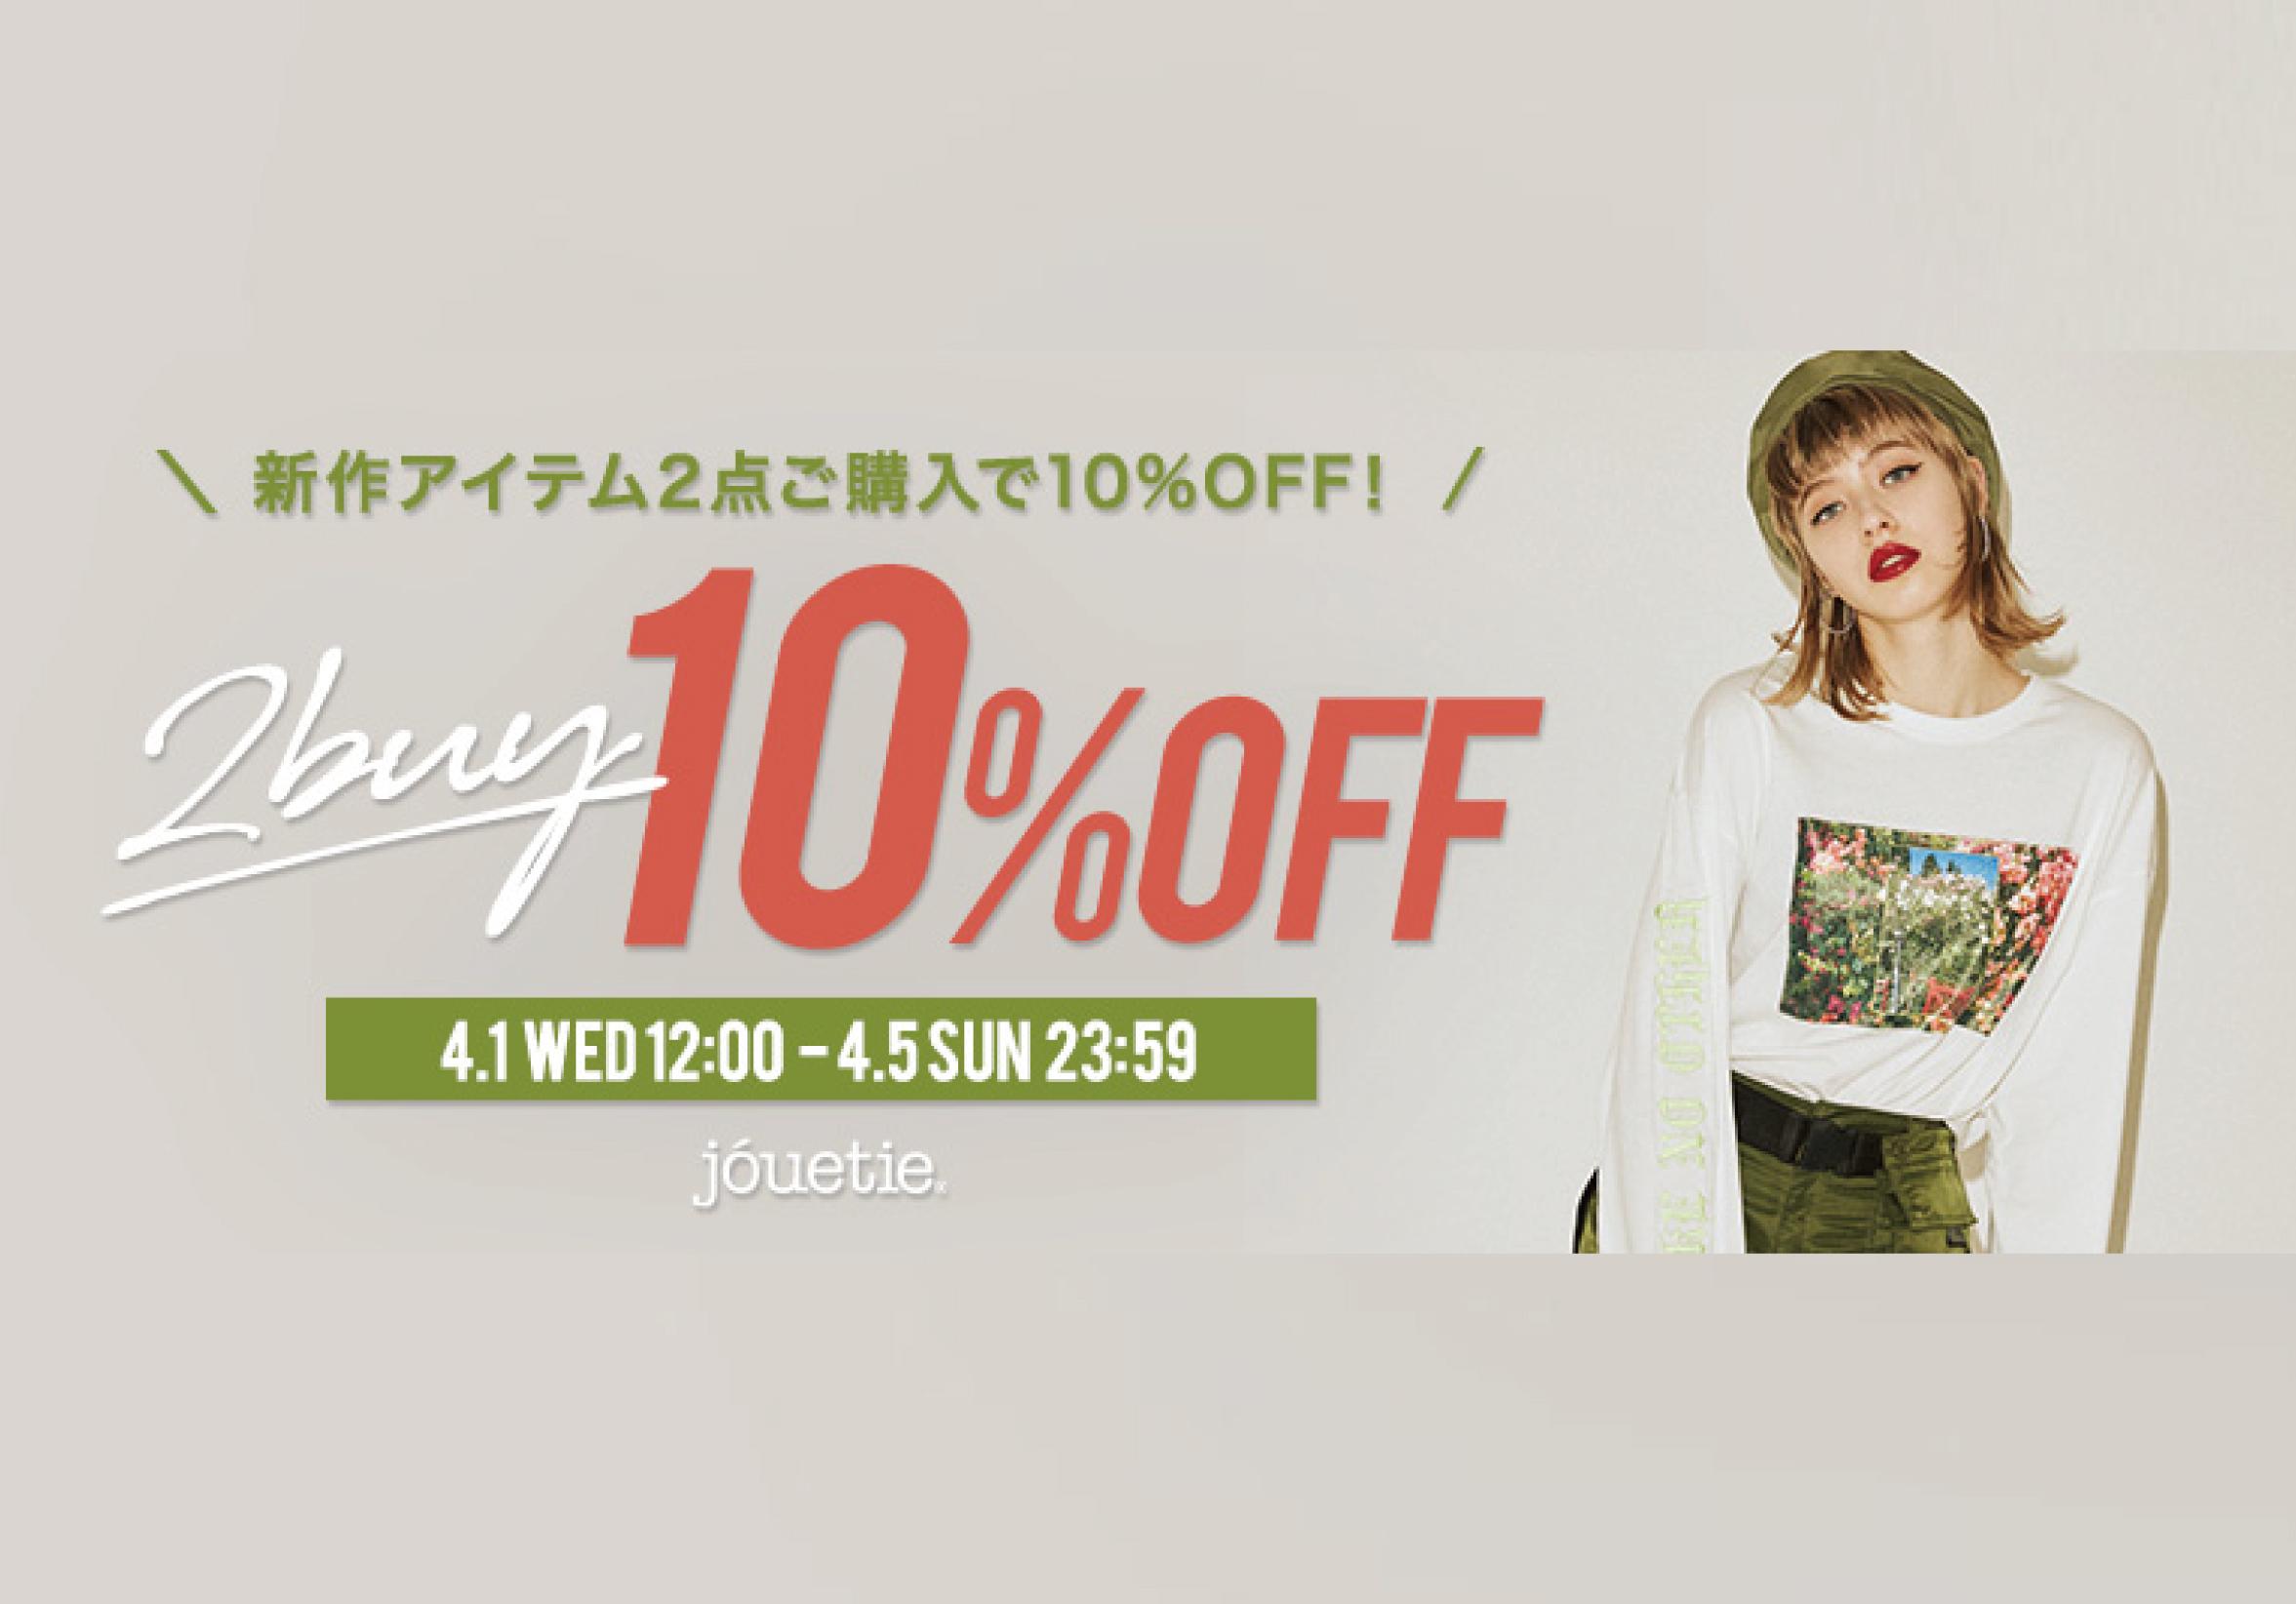 【新作アイテム 2BUY10%OFF!】